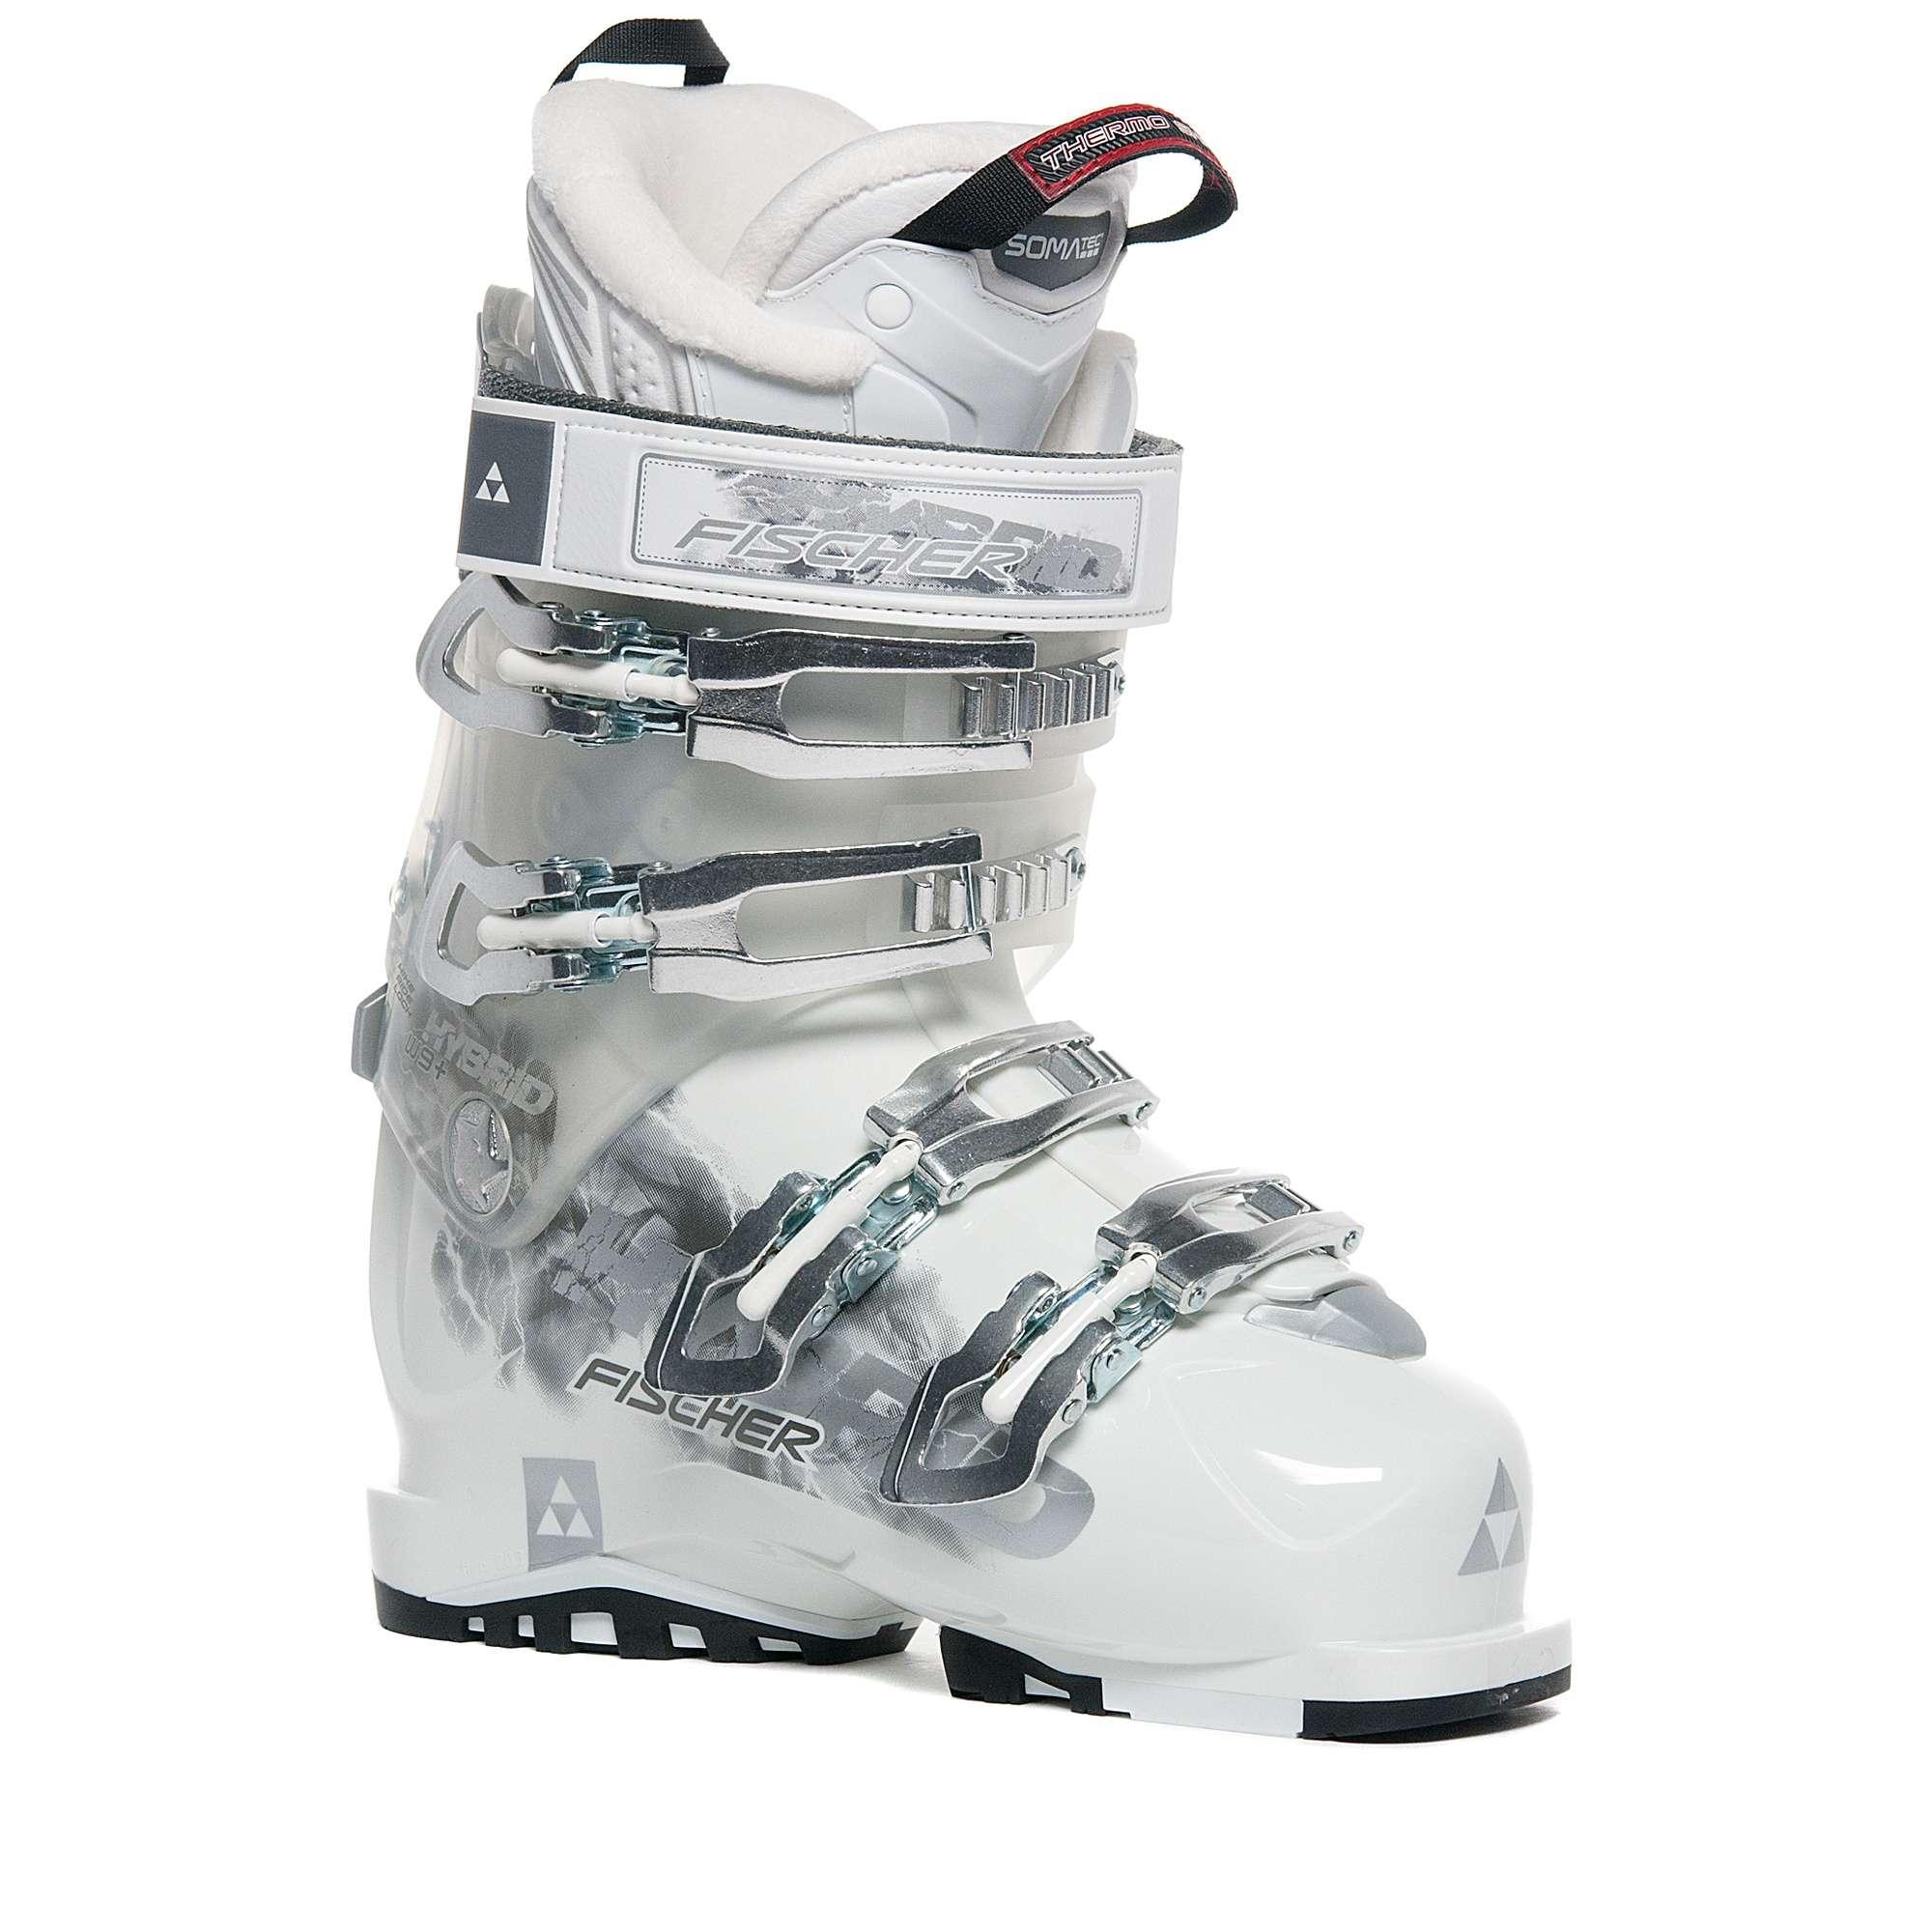 FISCHER SPORTS Women's Hybrid 9+ Vacuum Ski Boot